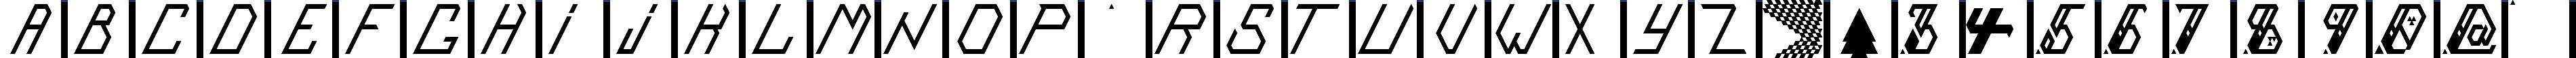 Particip-a-type v.312